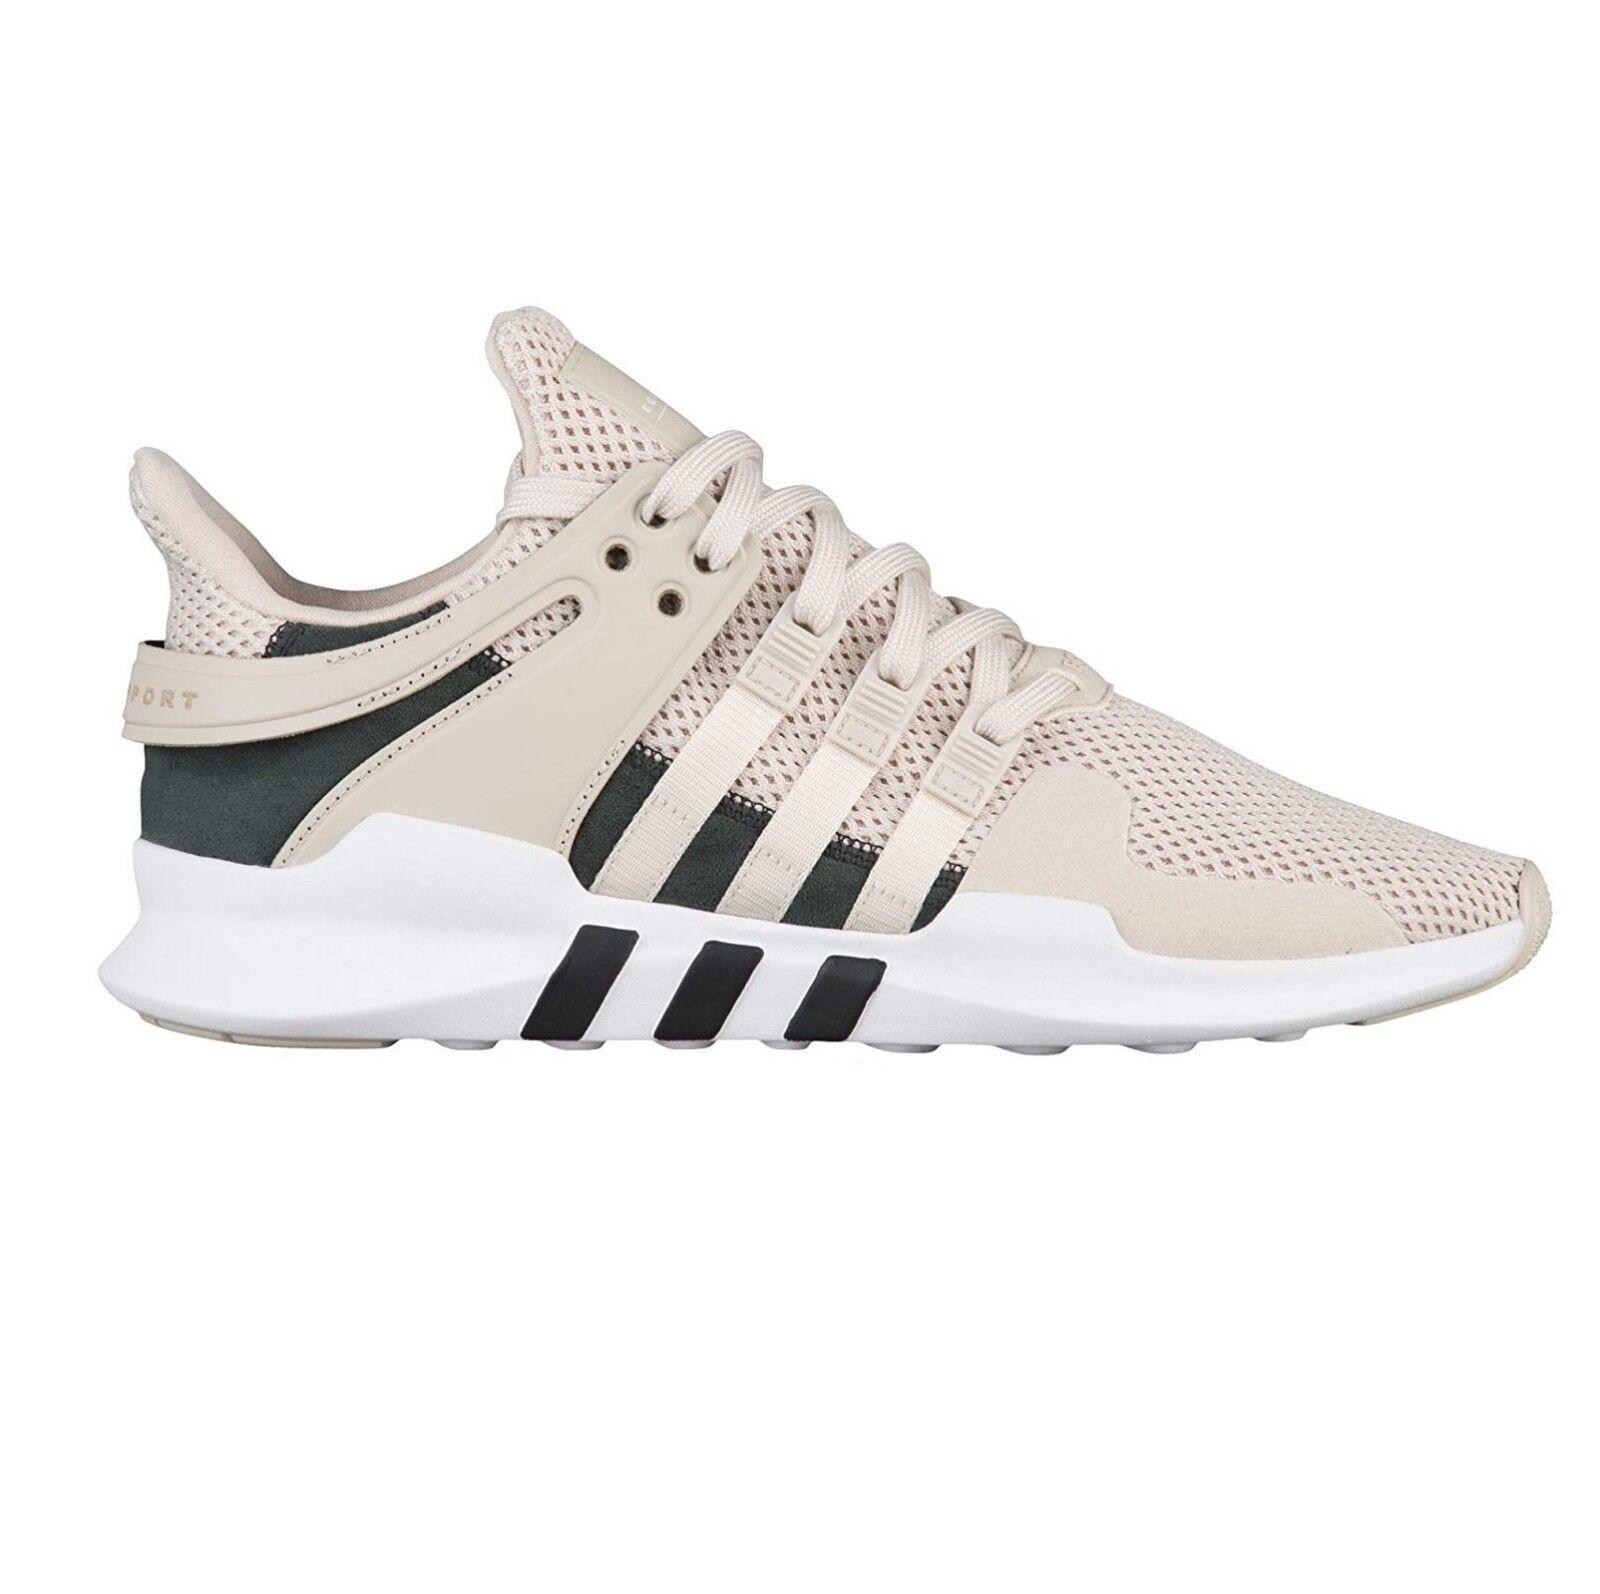 Adidas EQT Support ADV Chaussures de course CQ0918 Marron-Noir-Blanc Homme Taille 12